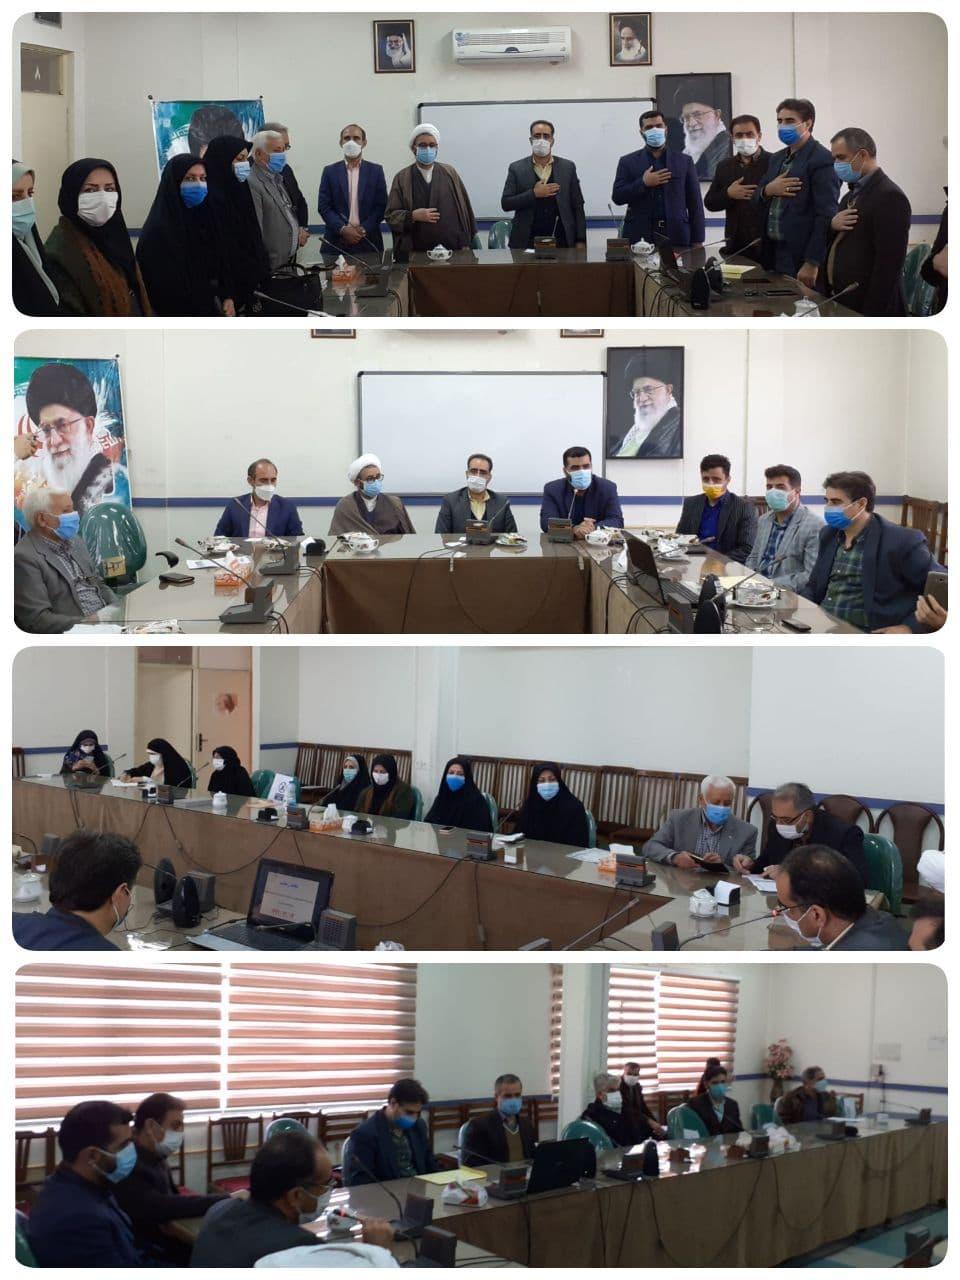 مراسم تجلیل از فرهنگیان فعال شهرستان آبیک در اجرای پویش سراسری لبخند رضایت